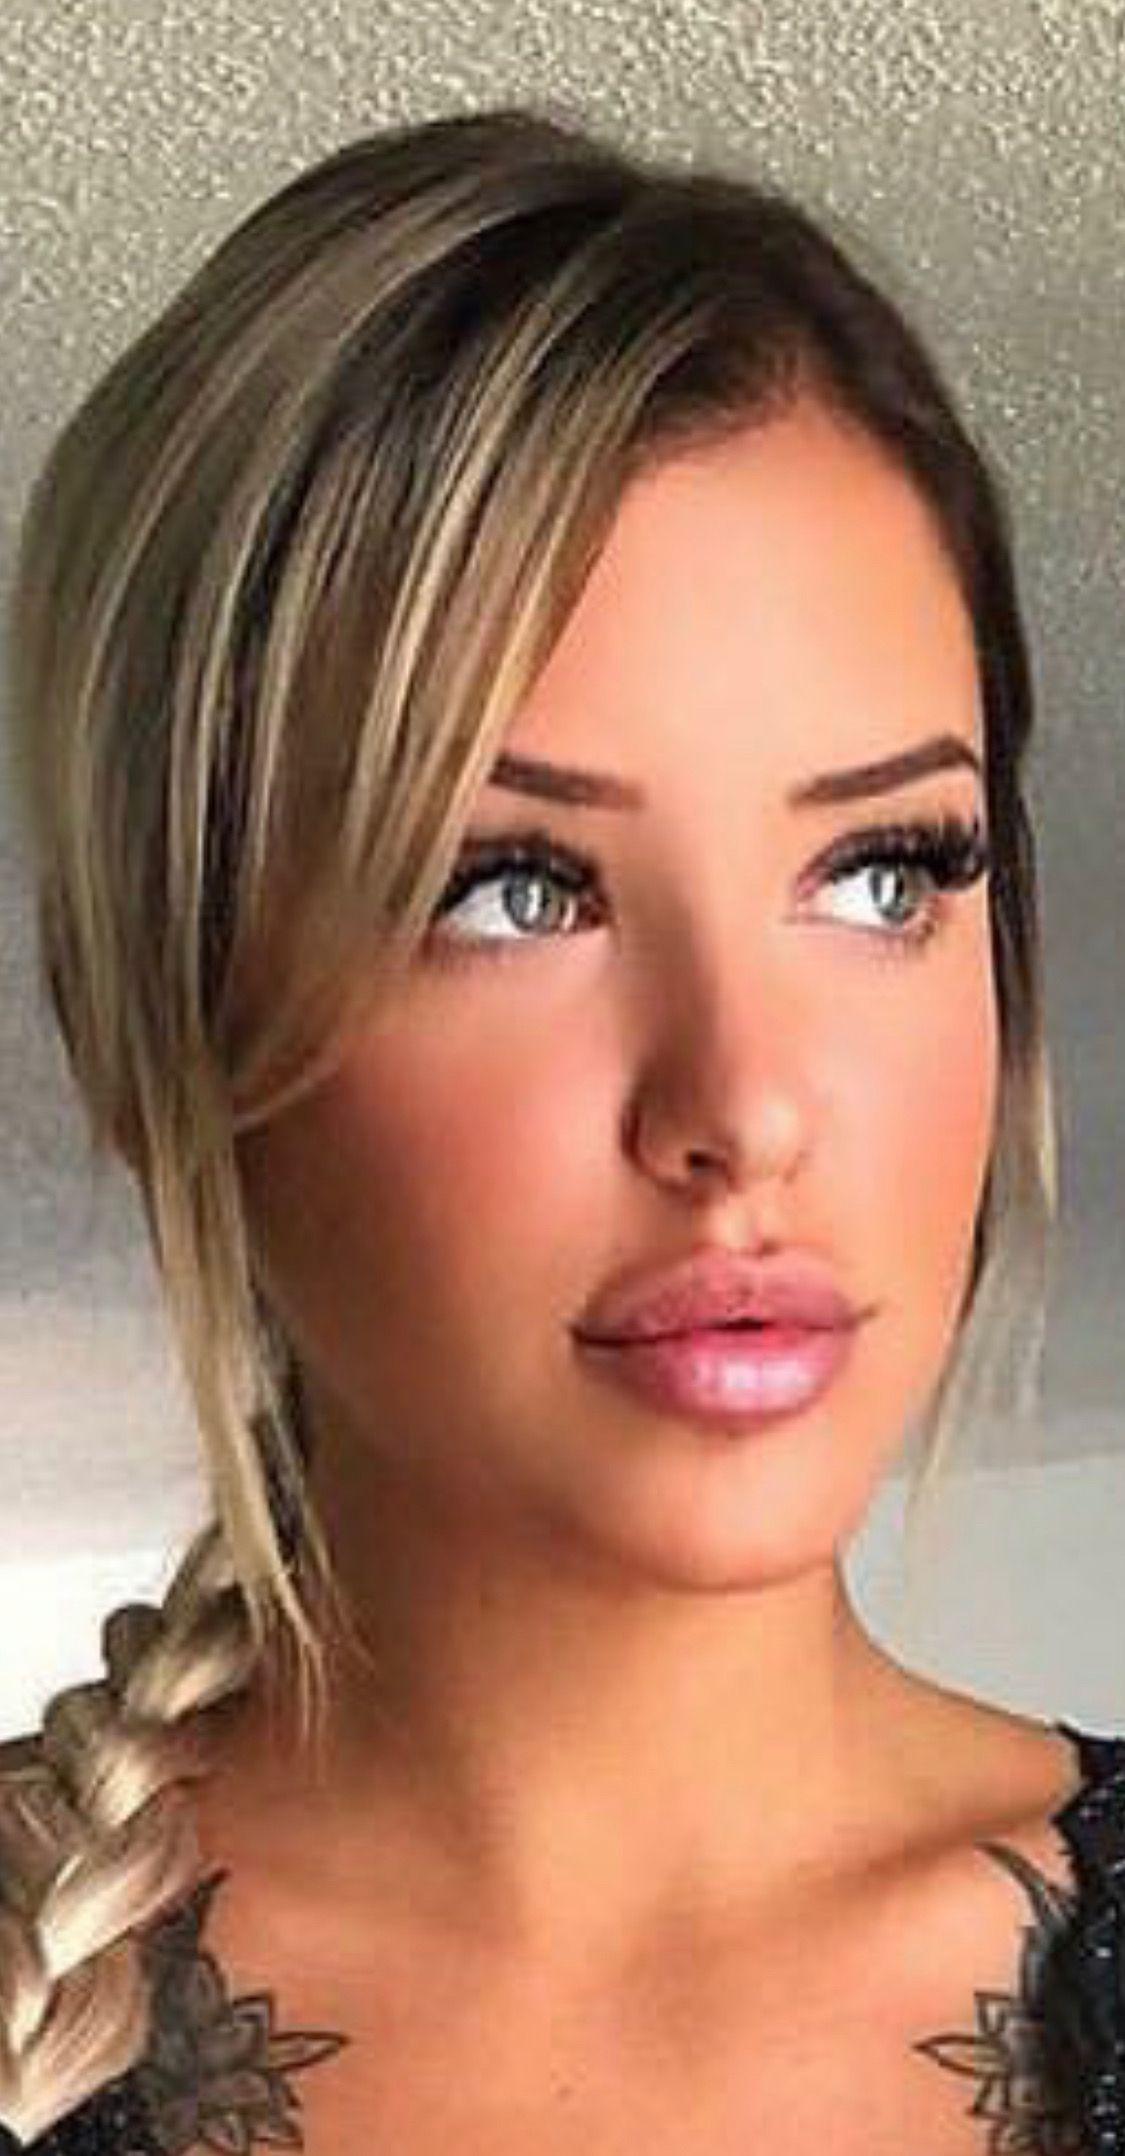 Young girl kissable lips